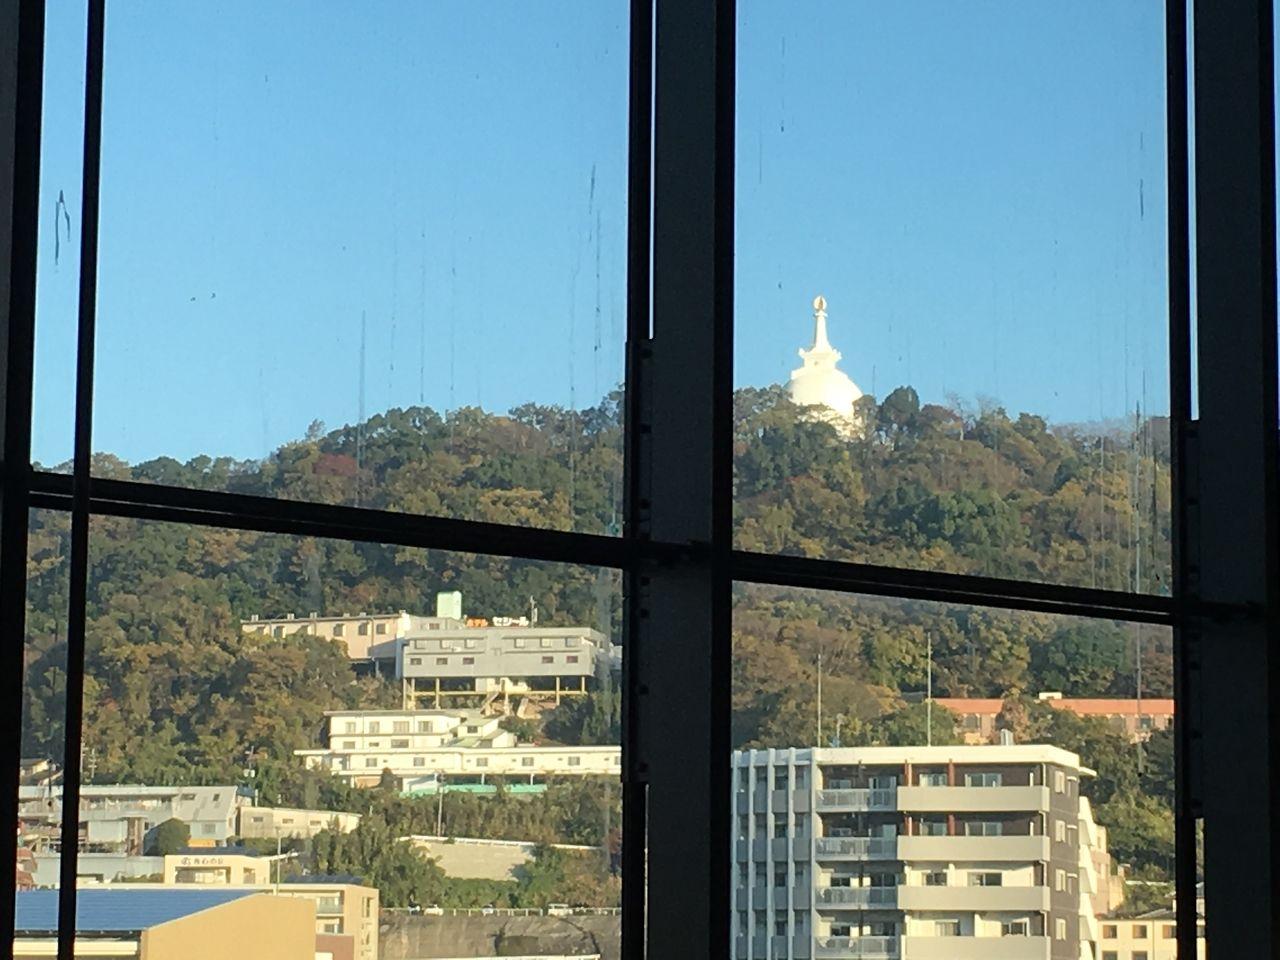 熊本駅新幹線ホームから望む花崗山の仏舎利塔